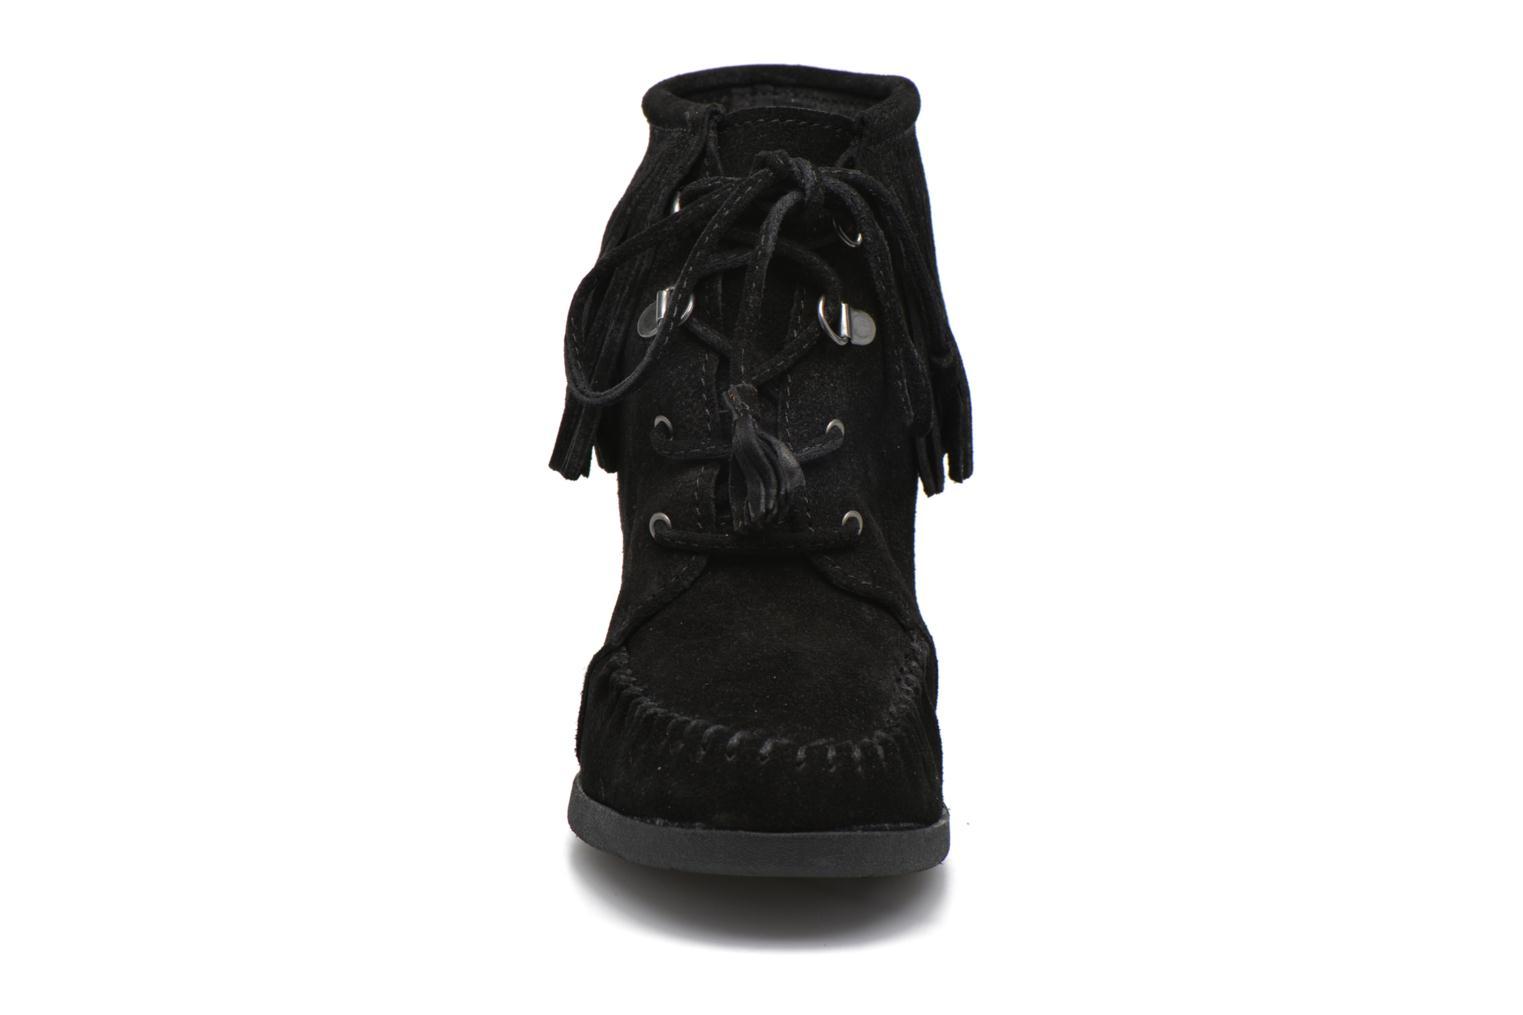 Minnetonka Lace-Up Fringe Ankle Wedge Boot Zwart Gratis Verzending Prijzen mi5vIC